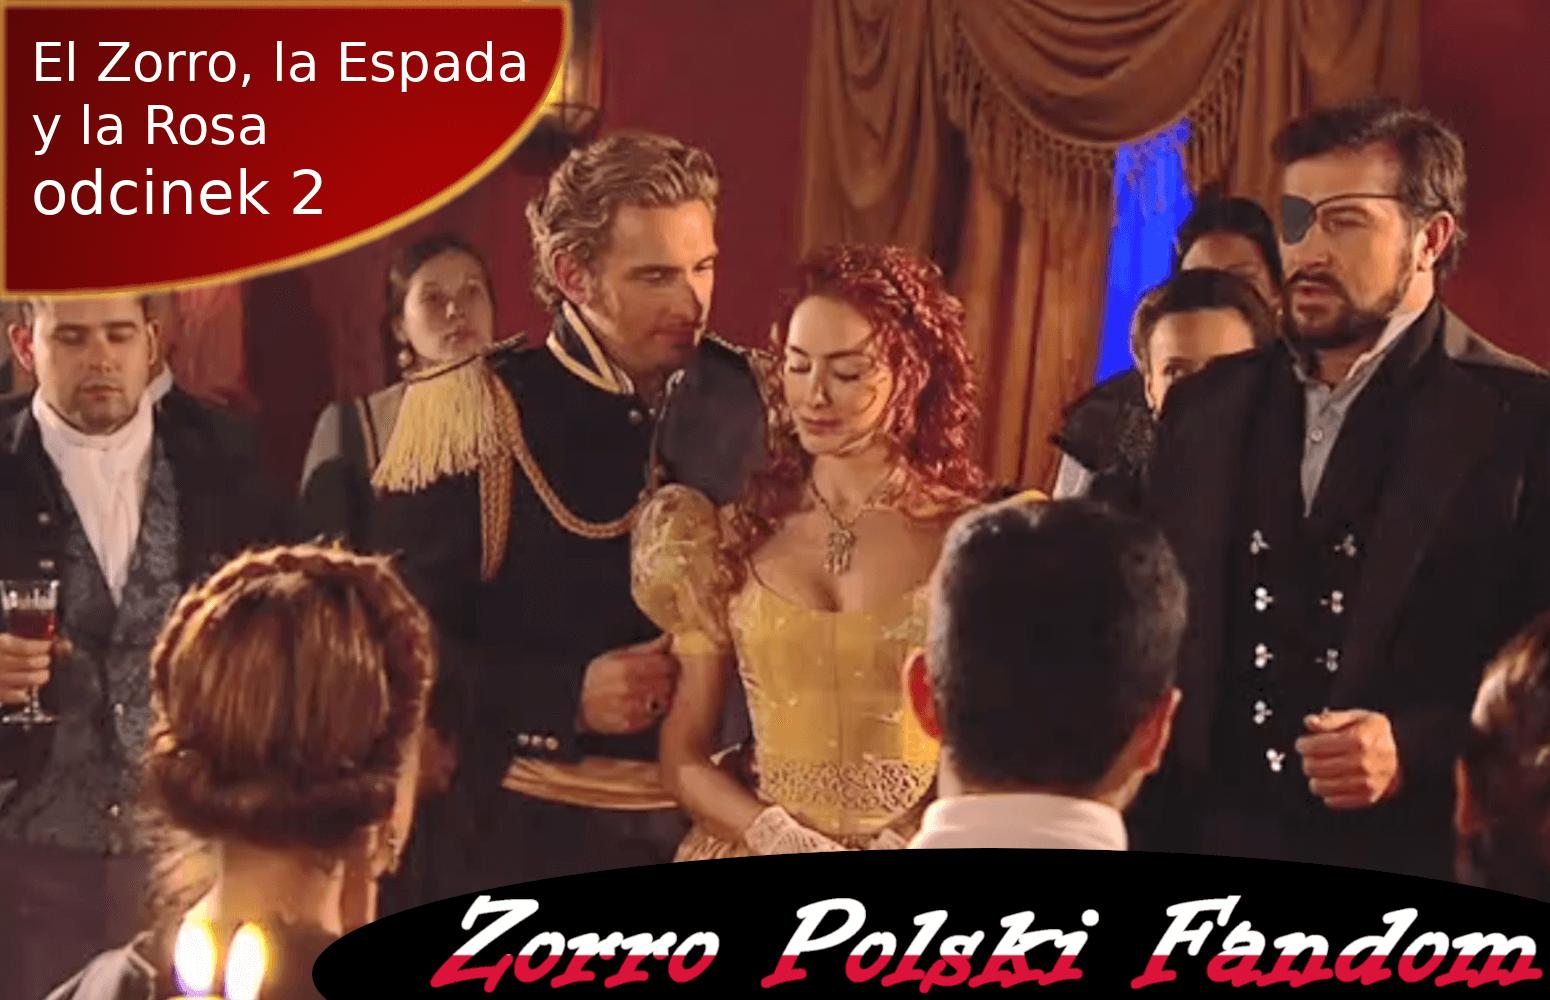 El Zorro, la Espada y la Rosa odcinek 2 PL